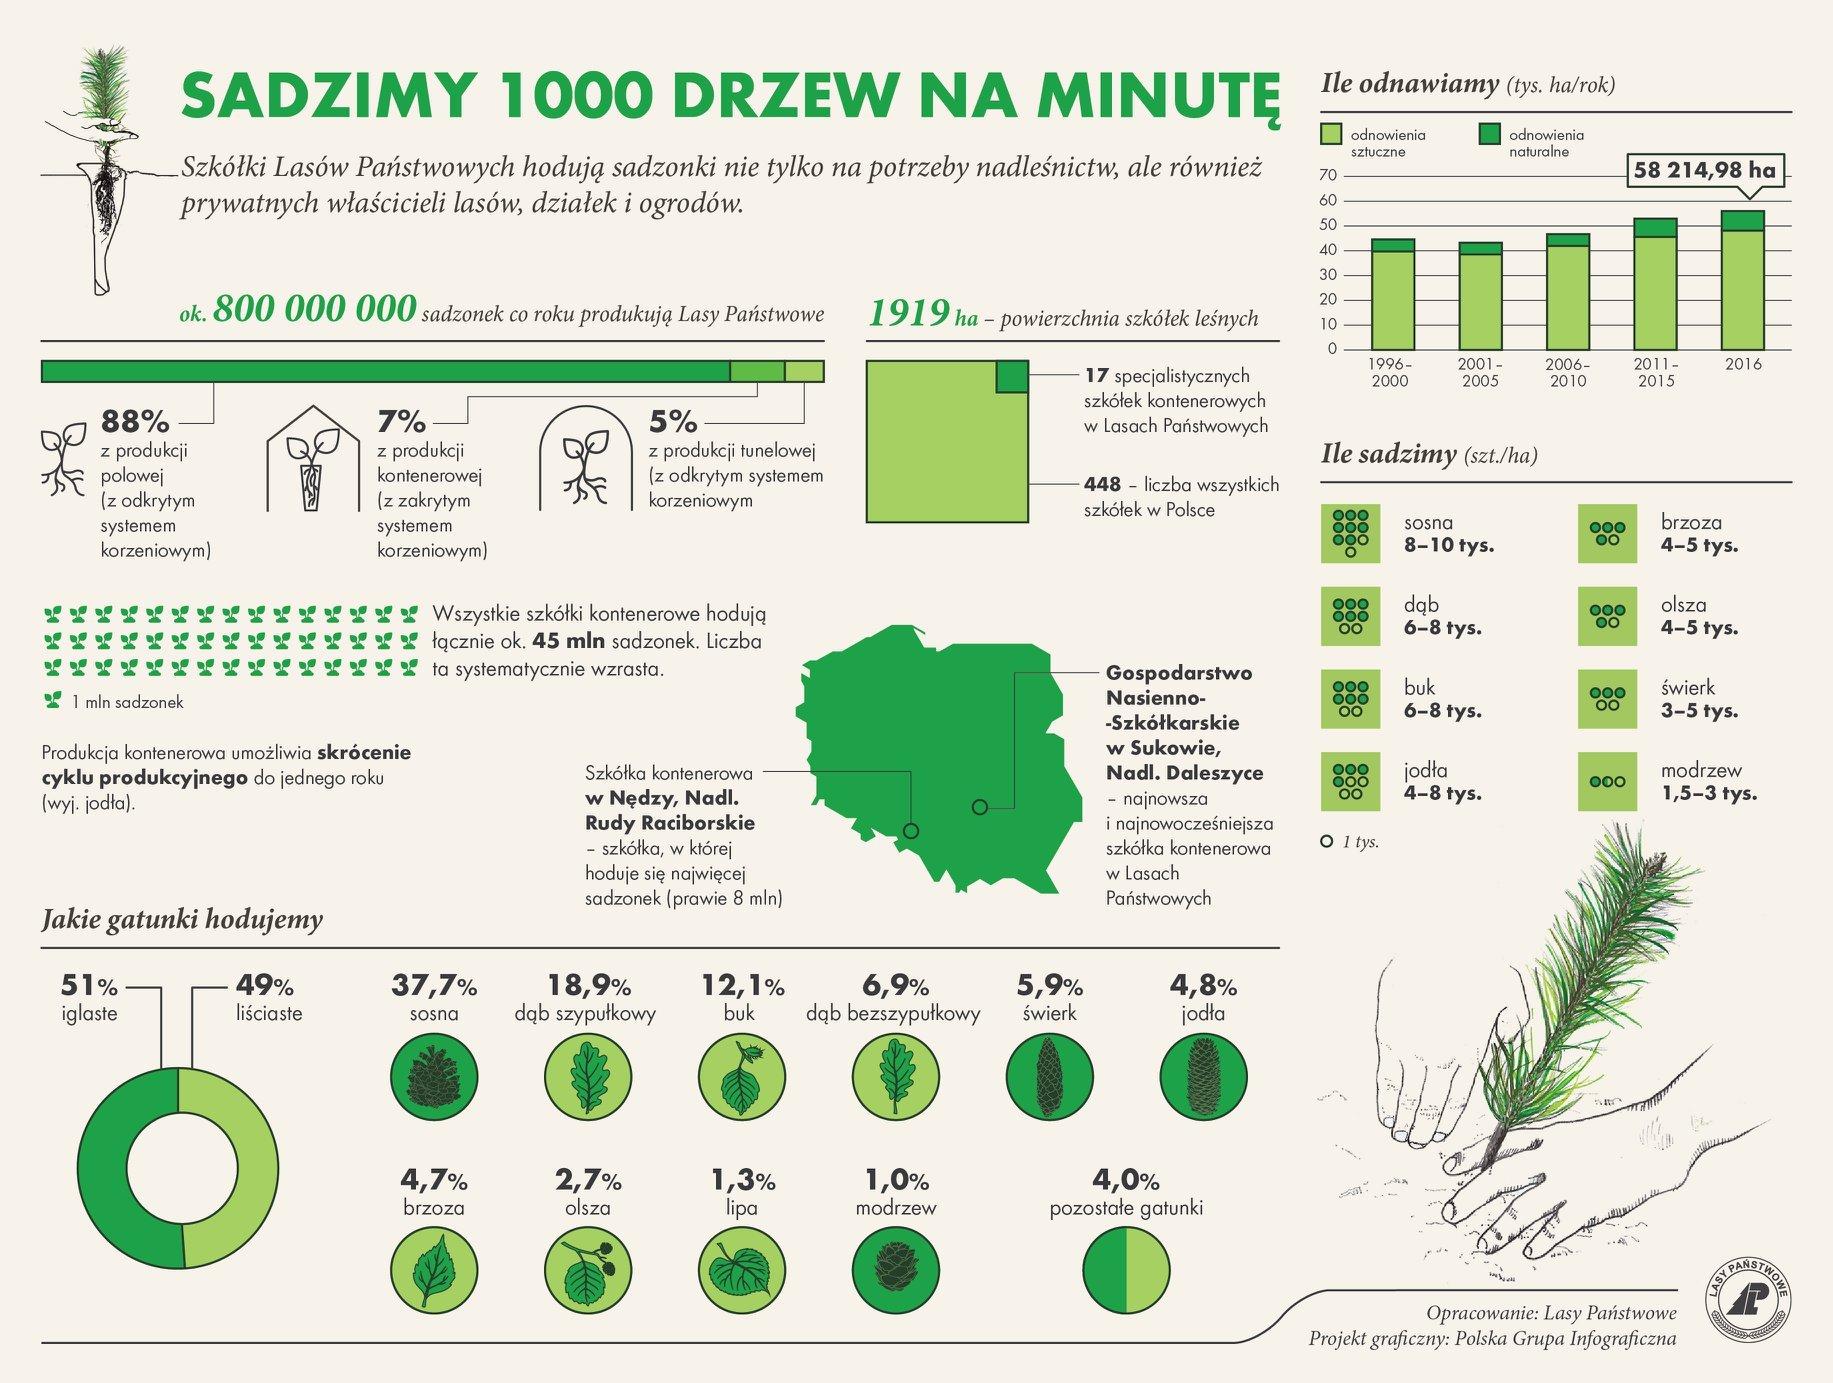 Sadzimy 1000 drzew na minutę - Lasy Państwowe